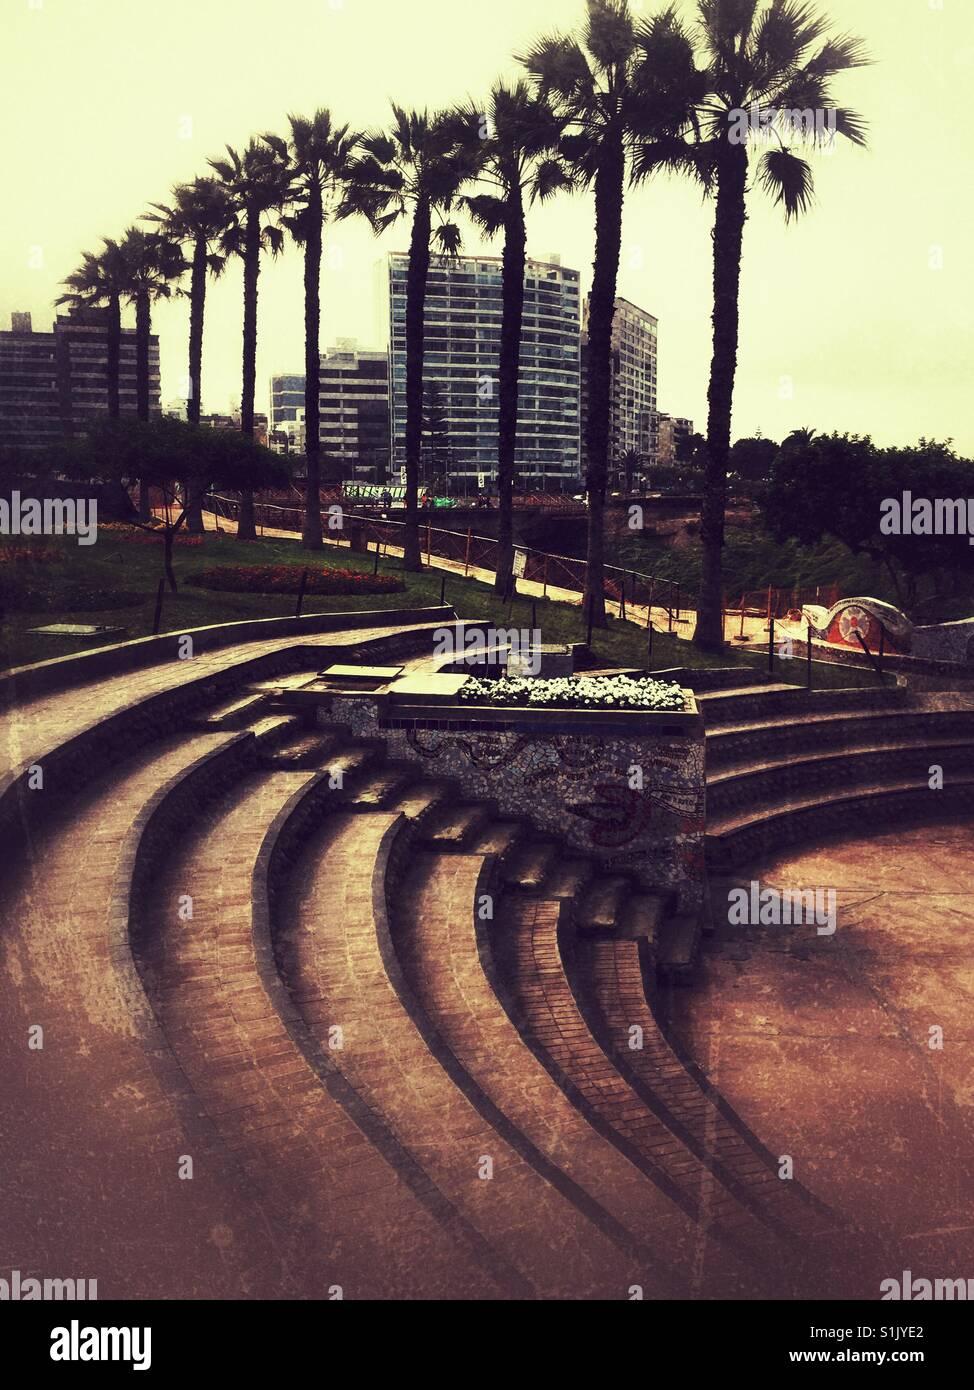 Pasos redondo en el Parque del Amor en el barrio de Miraflores, Lima, Perú Imagen De Stock